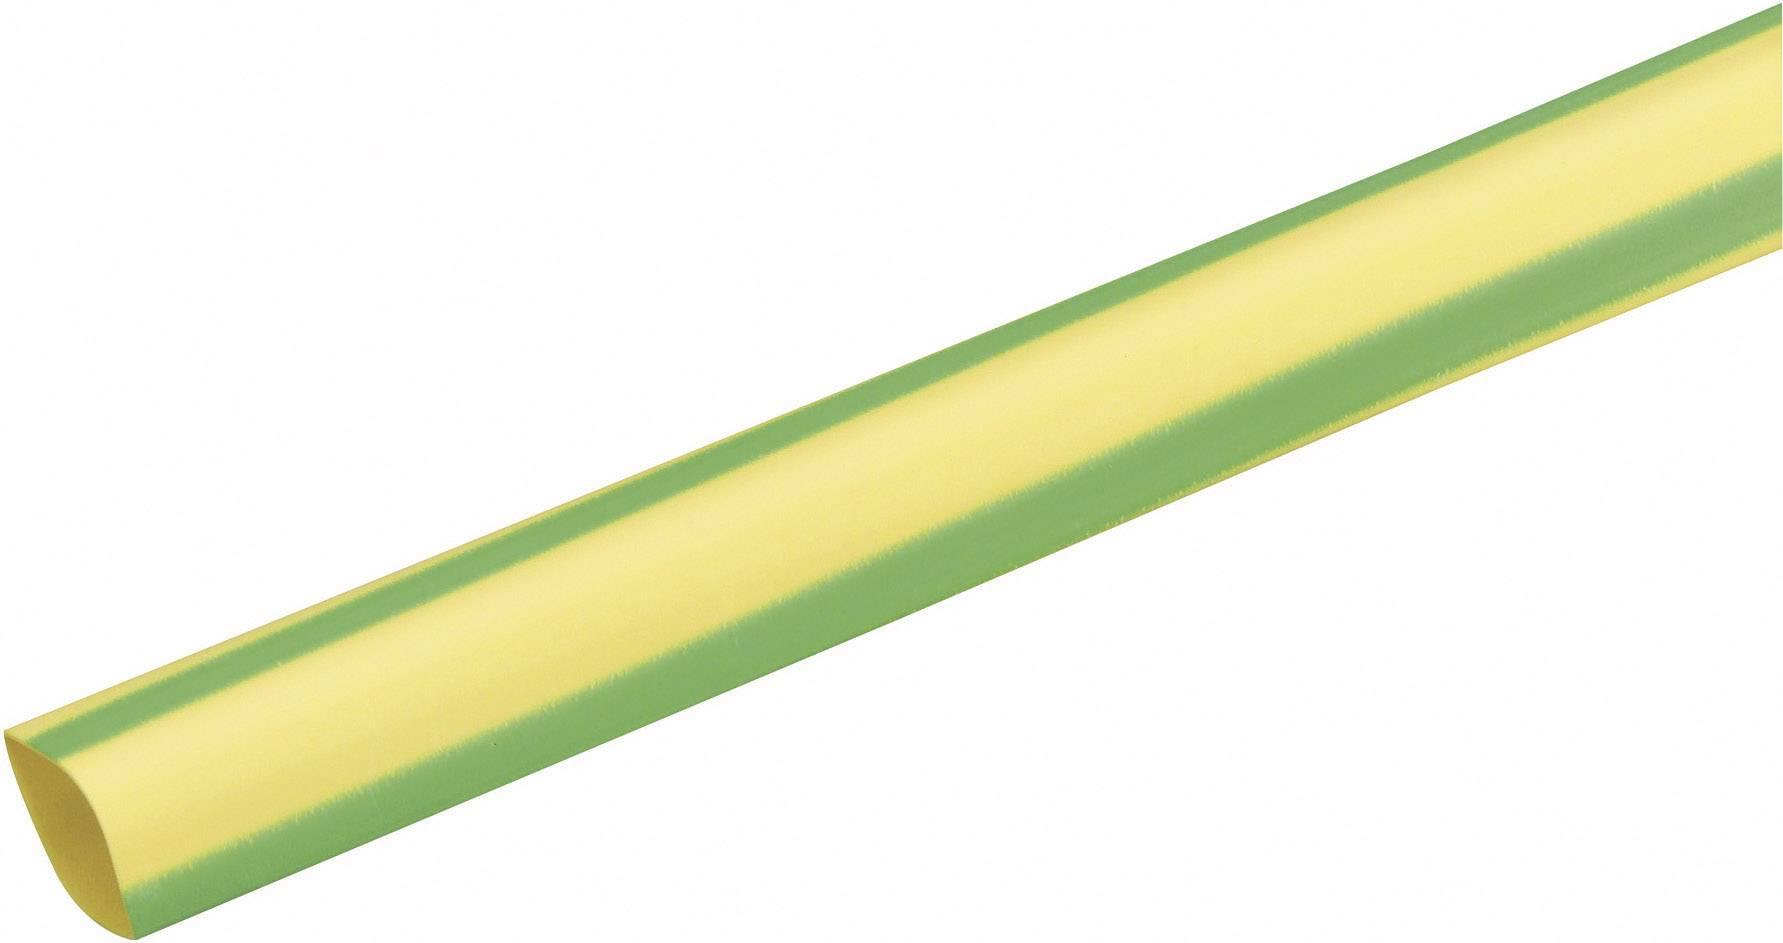 Zmršťovacia bužírka bez lepidla DSG Canusa 3210032613, 3:1, 3.20 mm, zelenožltá, metrový tovar